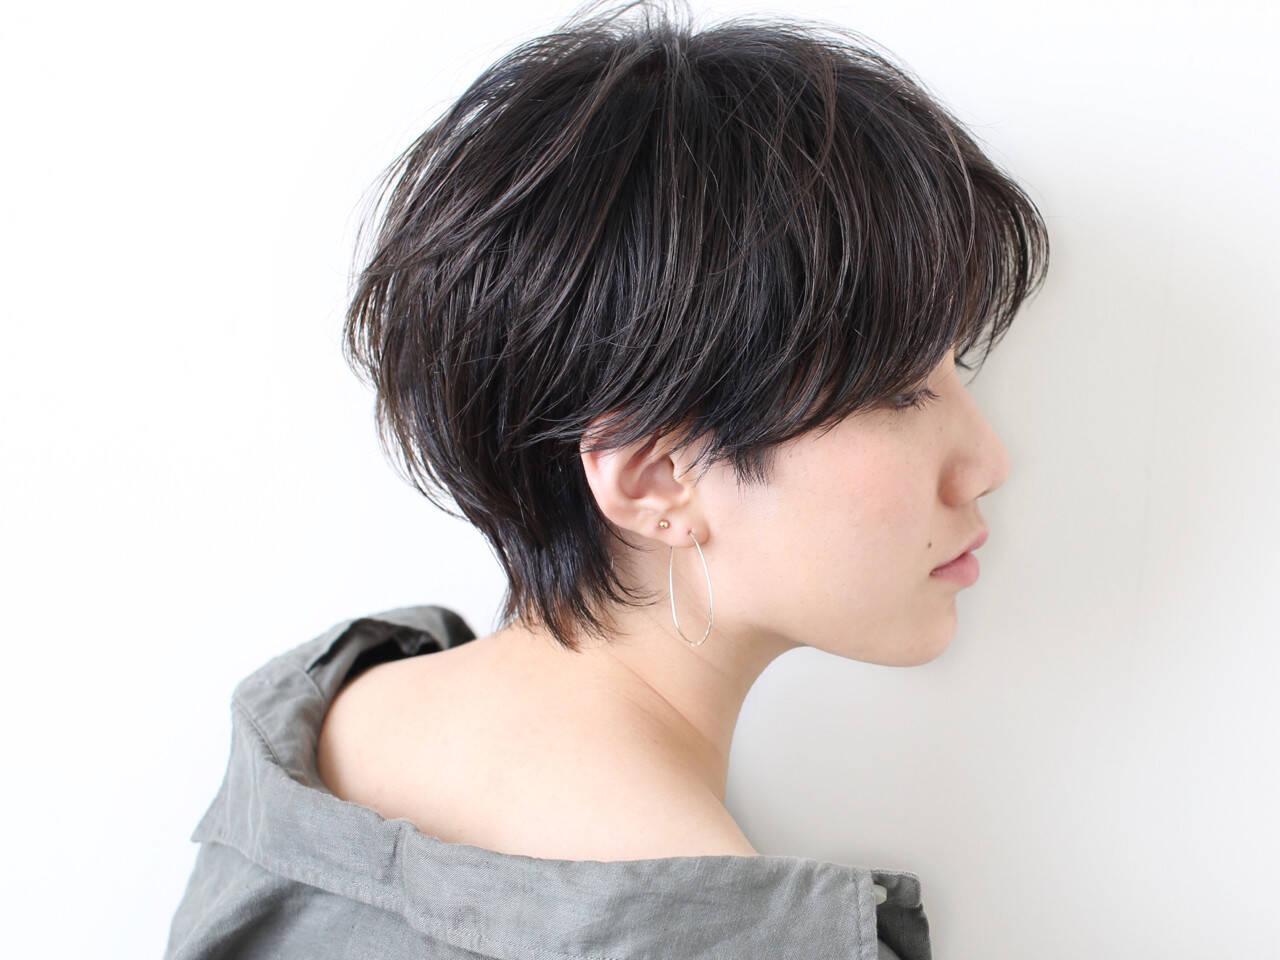 ナチュラル 黒髪 ウルフカット かっこいいヘアスタイルや髪型の写真・画像